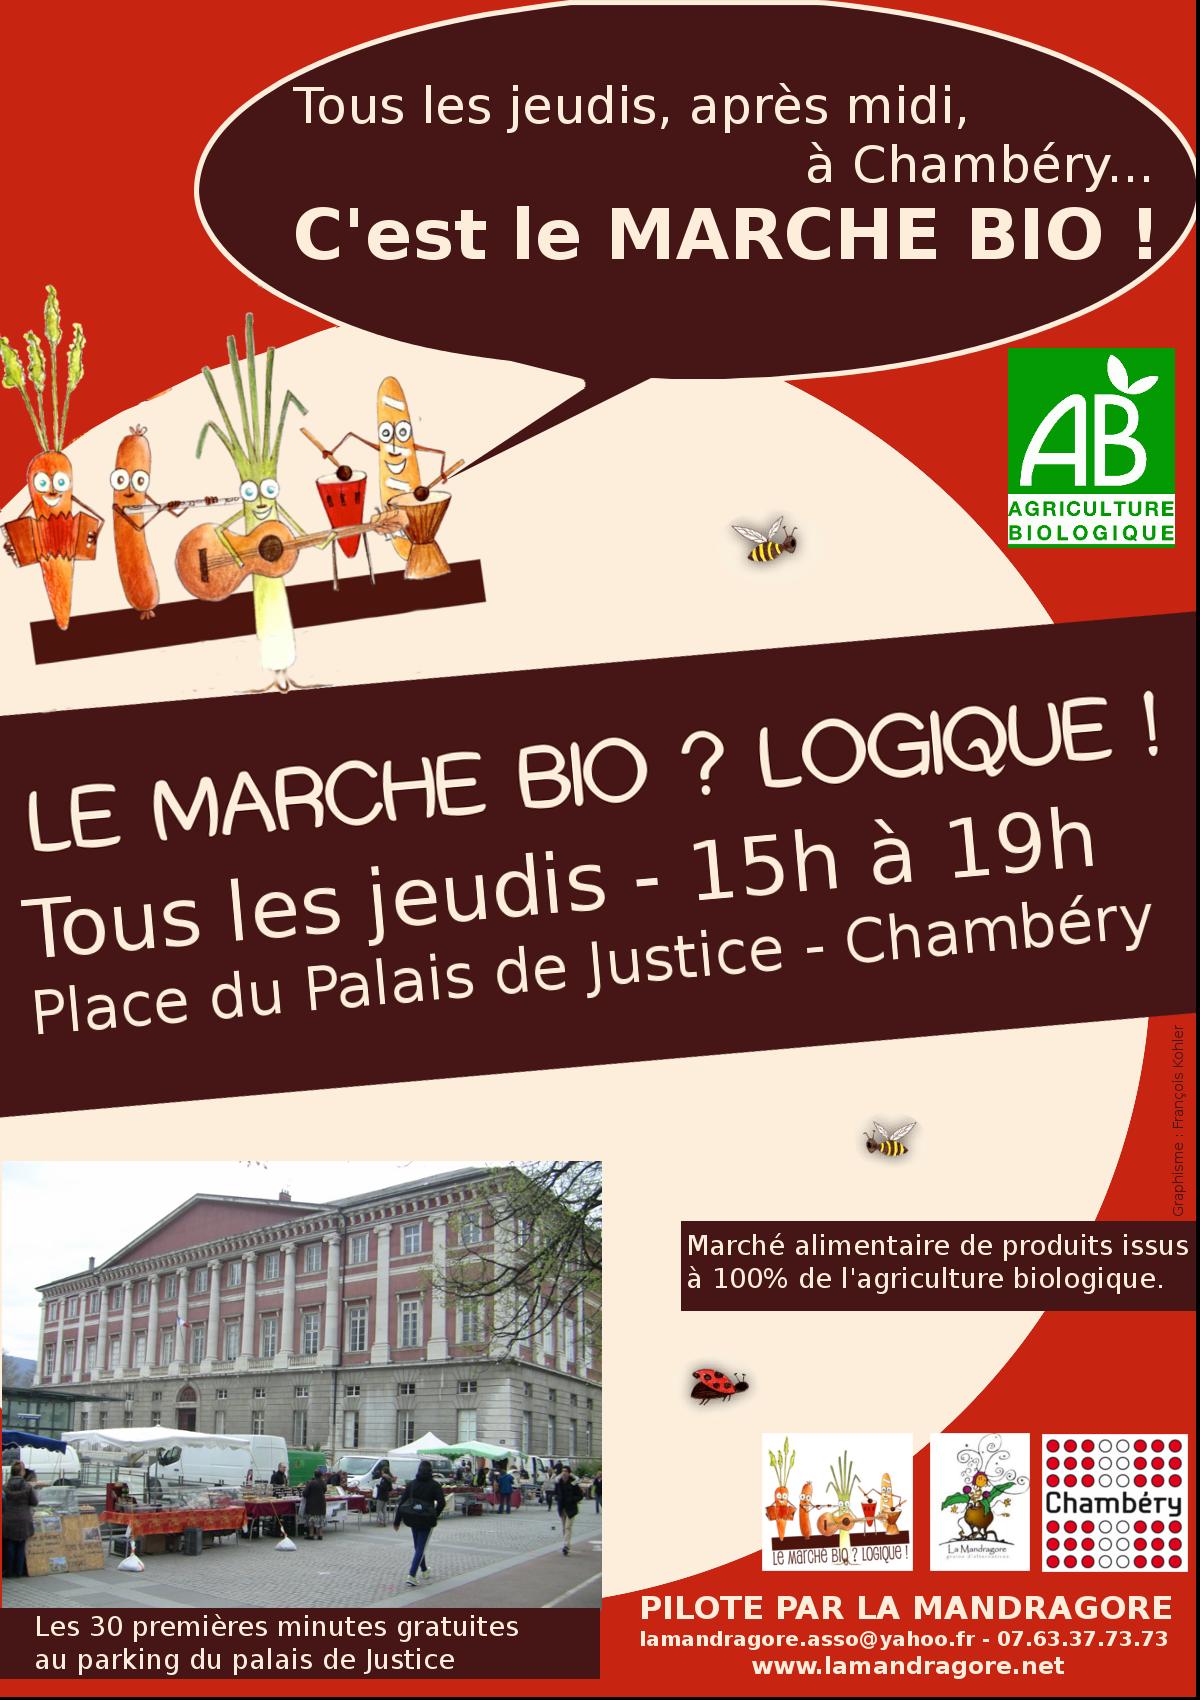 Un marché biologique à Chambéry, place du Palais de Justice, tous les JEUDIS de 15h à 19h !